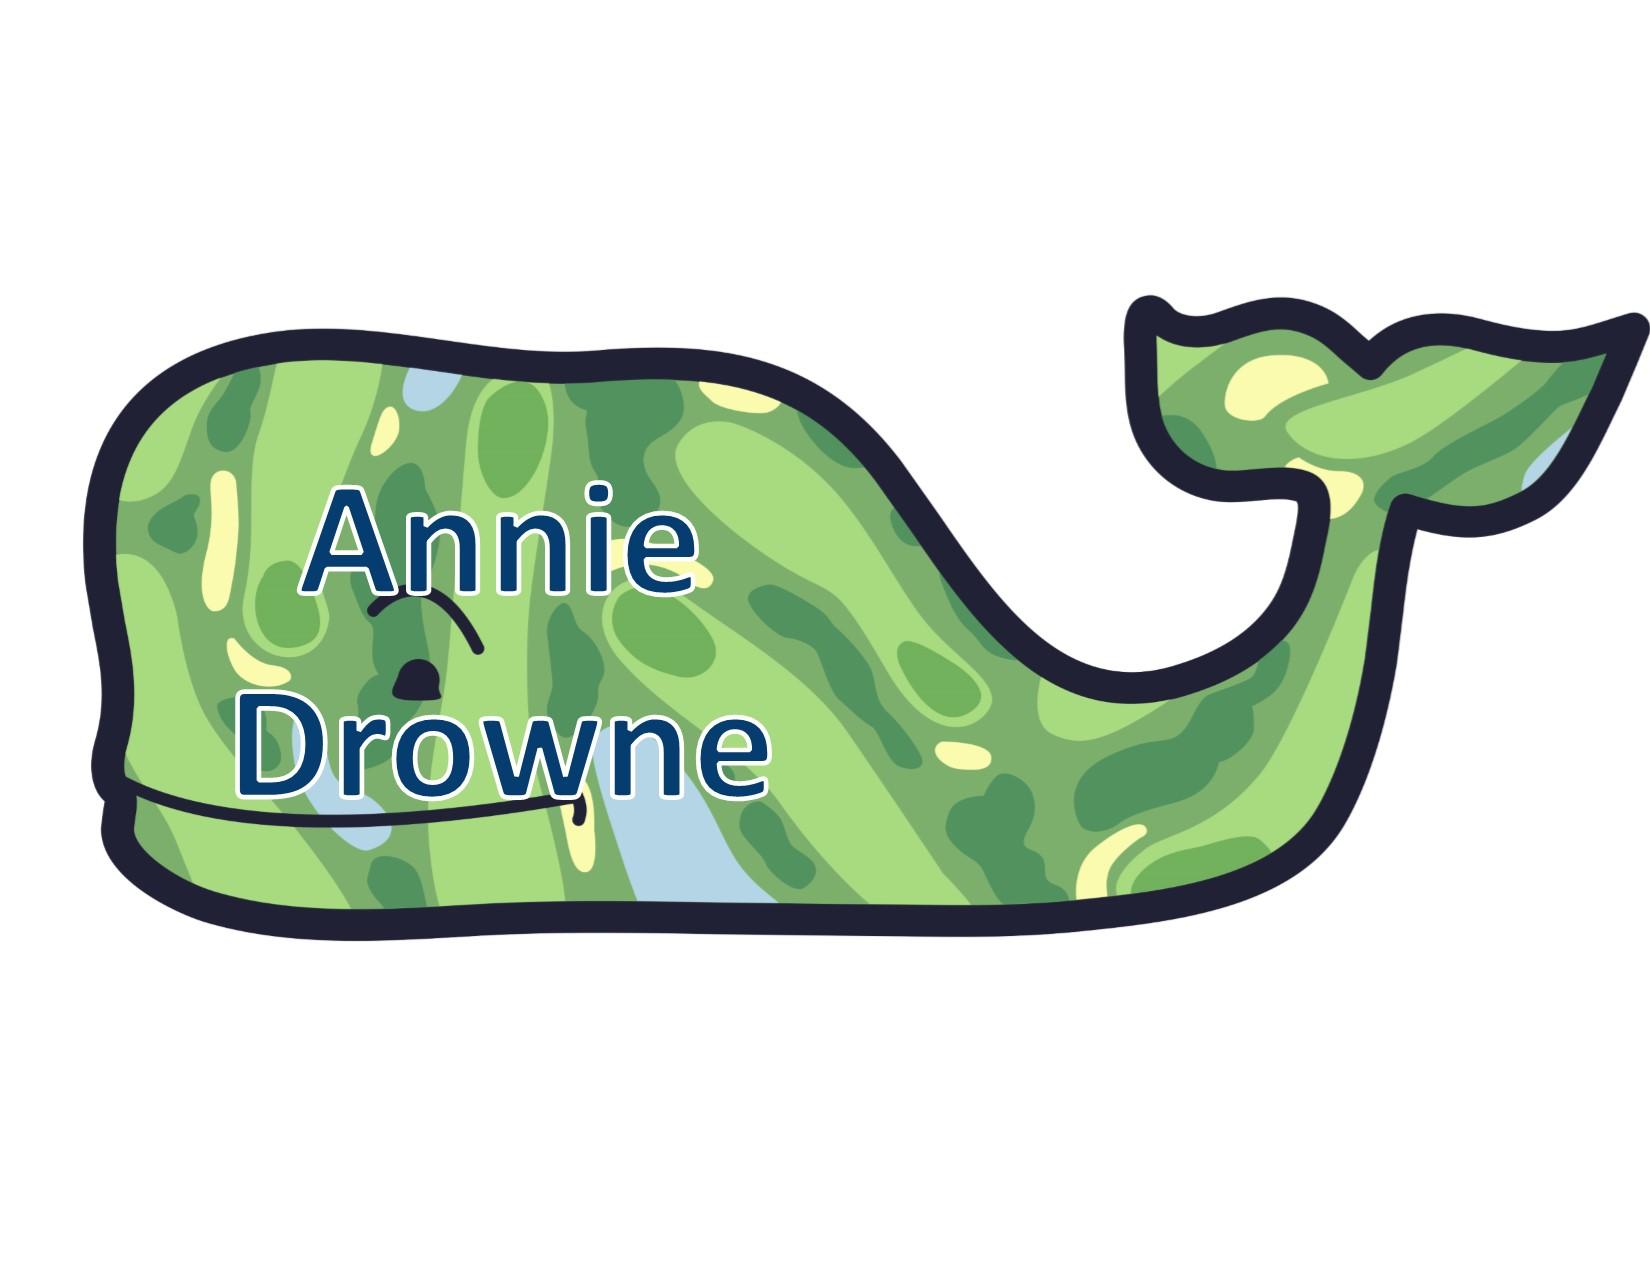 Drowne, Annie.jpg